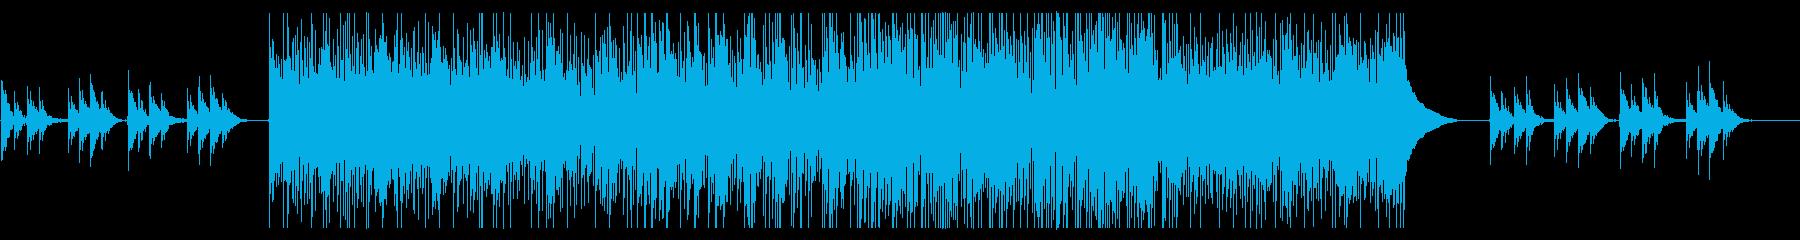 学校のチャイムを引用したアコースティックの再生済みの波形